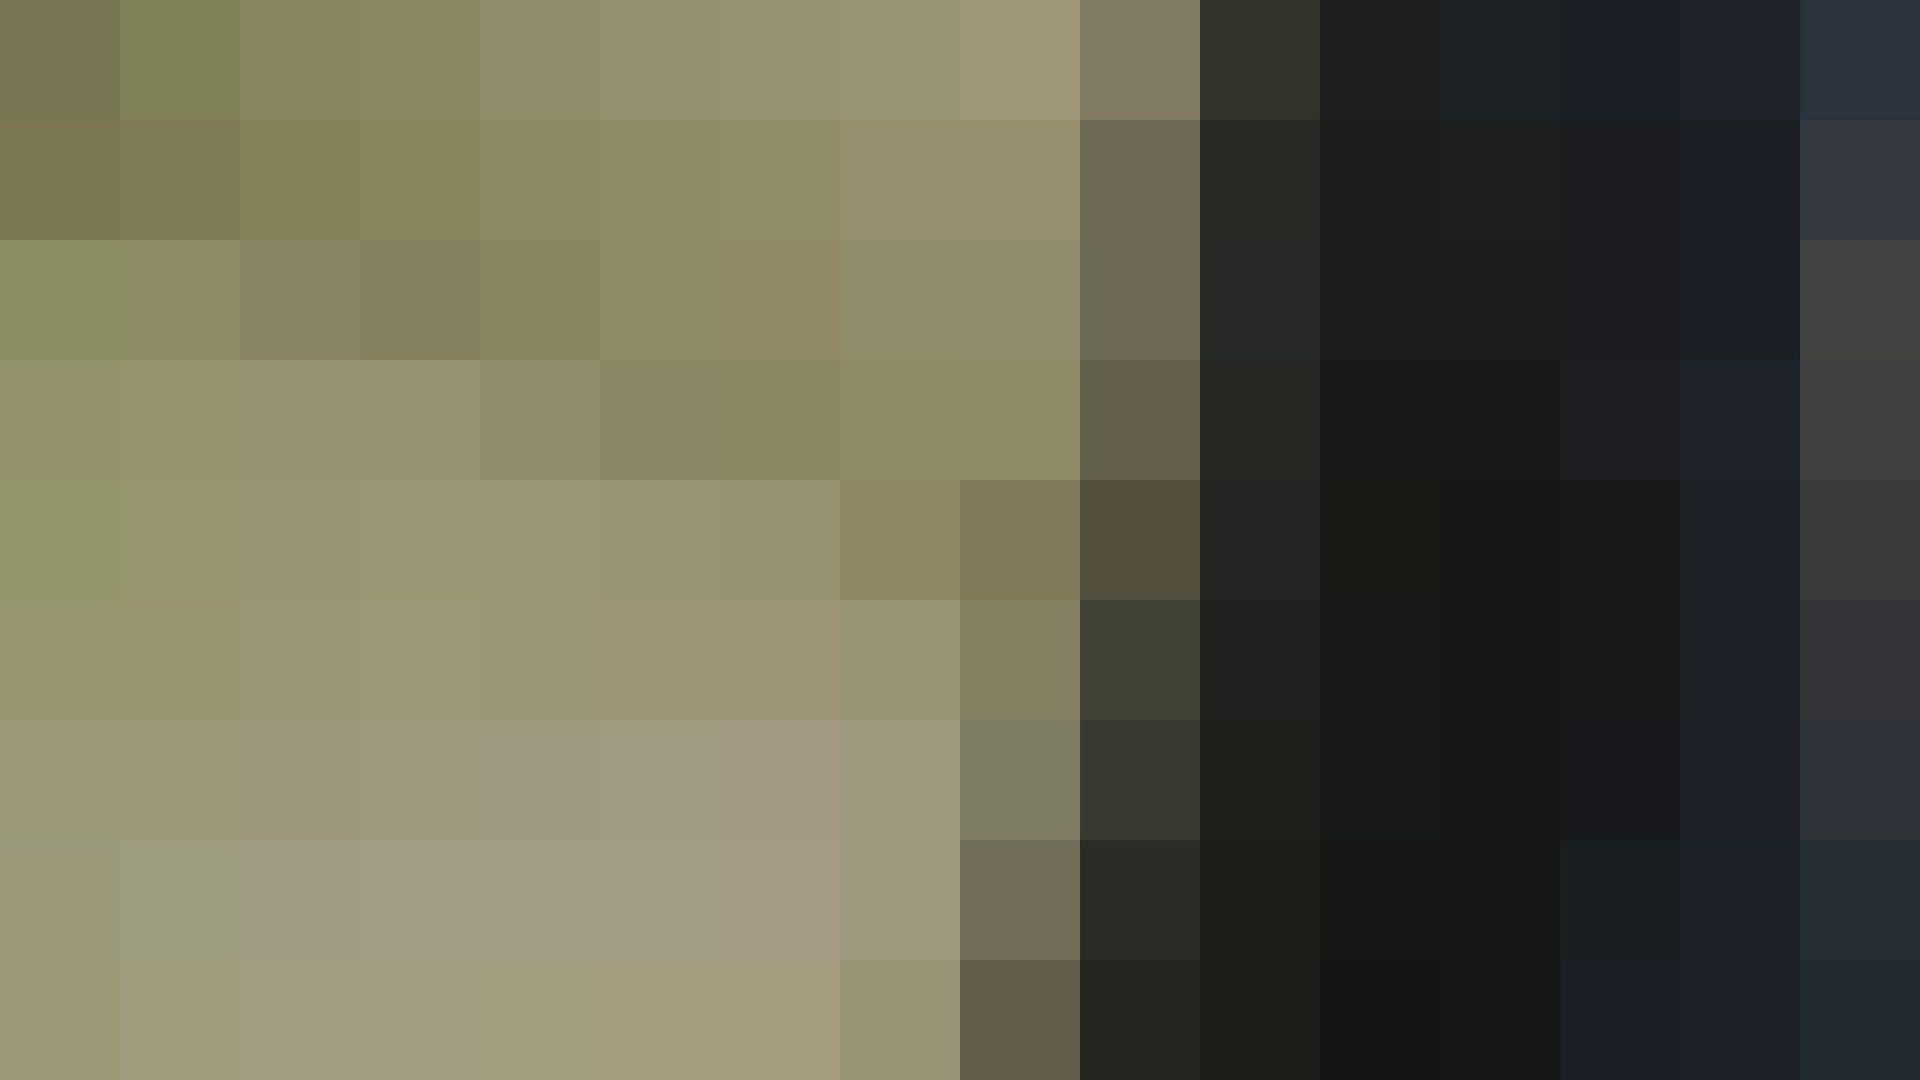 お銀さんの「洗面所突入レポート!!」 vol.28小島陽菜似のピンクオシャレさん 洗面所 ヌード画像 88PIX 77